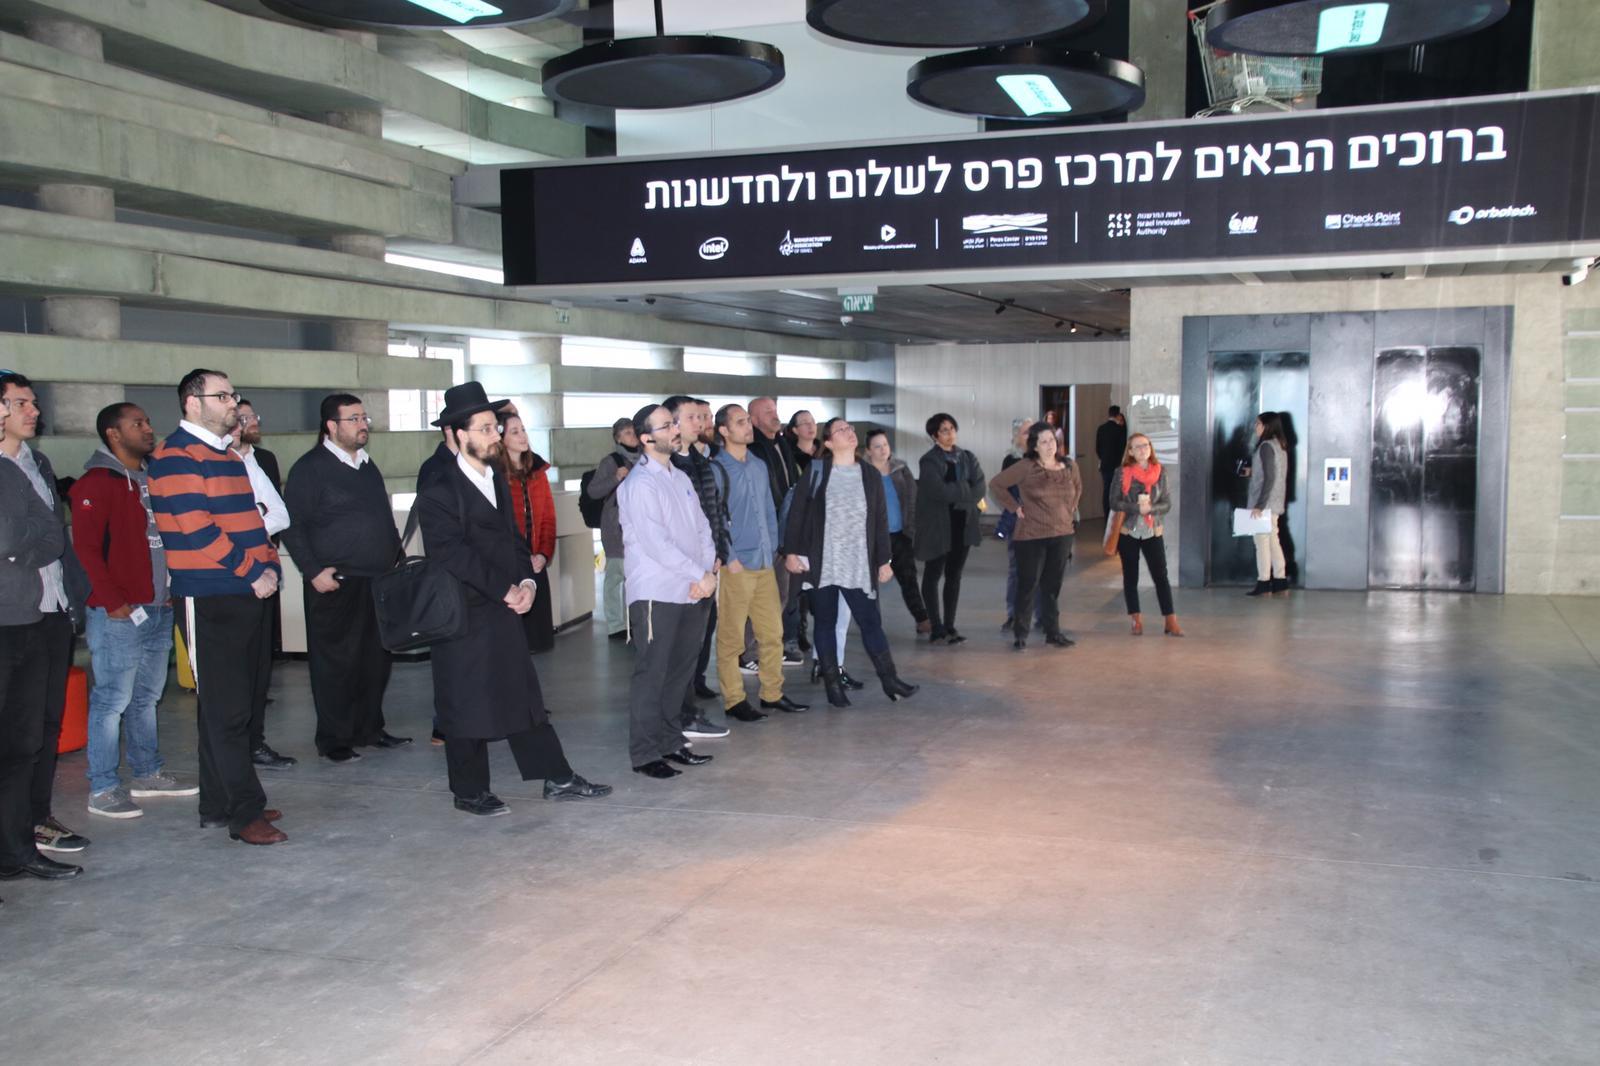 לפני כולם: סיור מודרך ומצולם במרכז פרס לשלום ולחדשנות 3